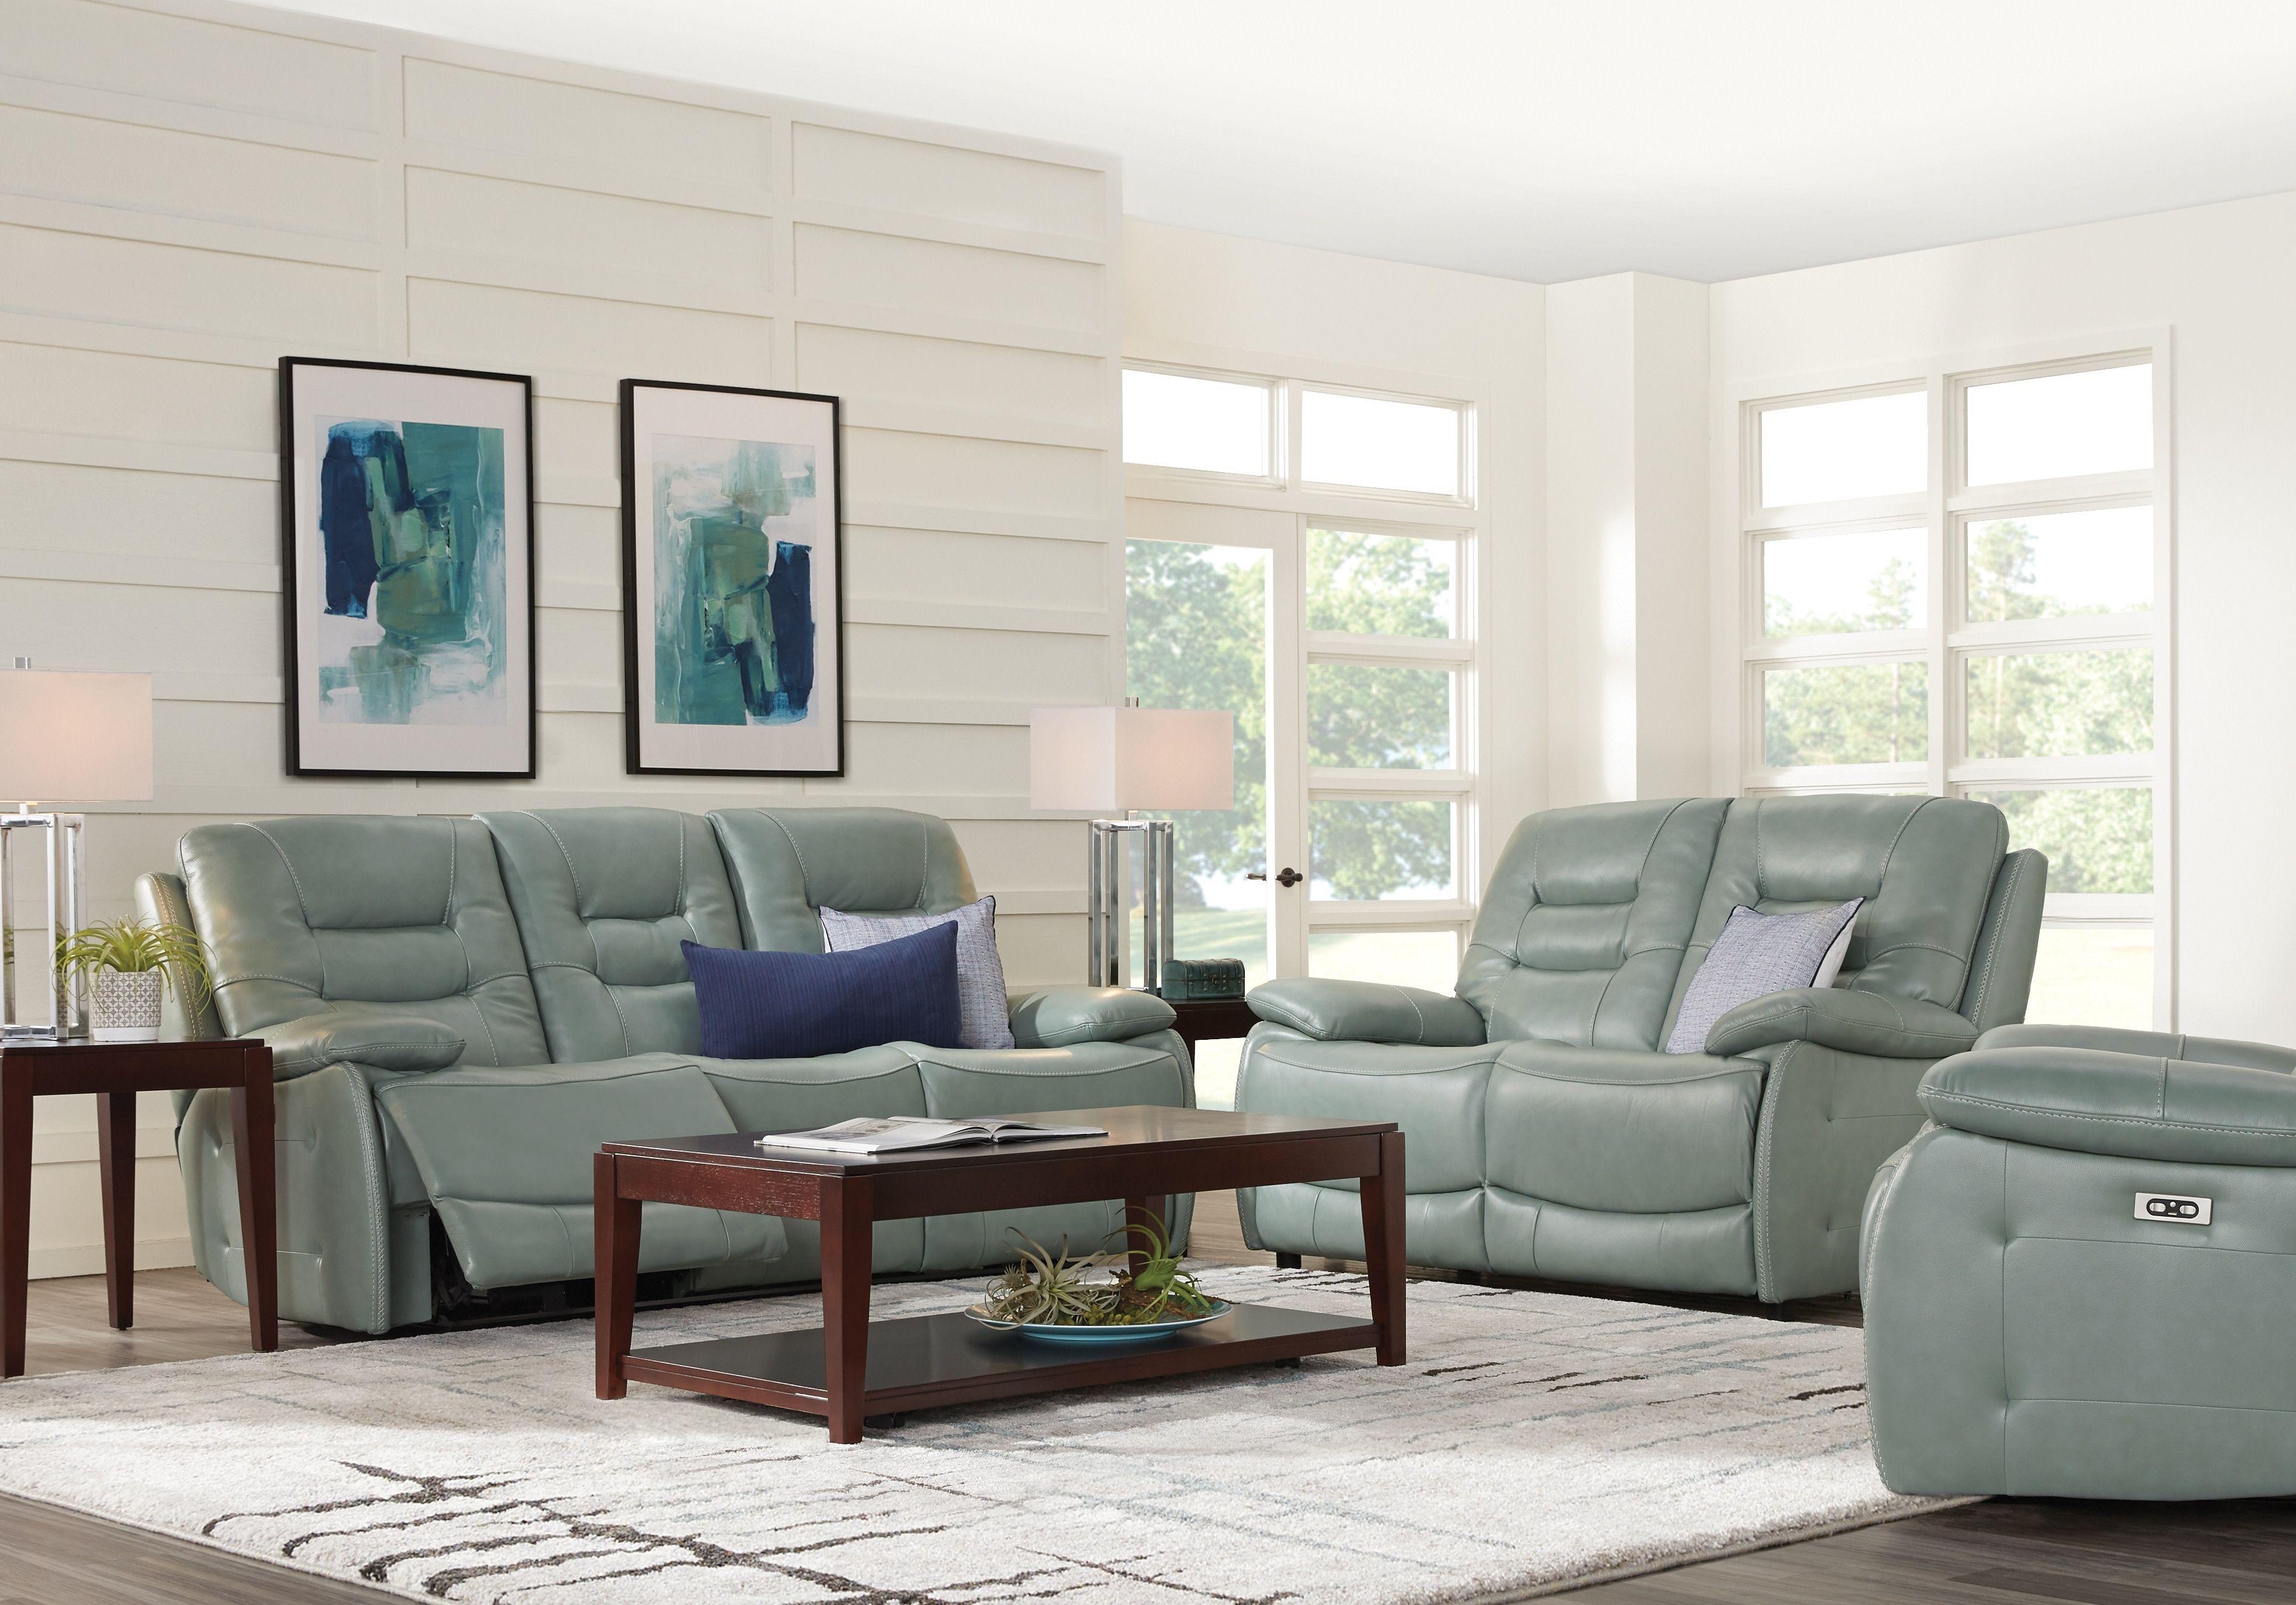 Carini Seafoam Leather 3 Pc Living Room With Reclining Sofa Grey Leather Sofa Living Room Leather Sofa Living Room Green Sofa Living